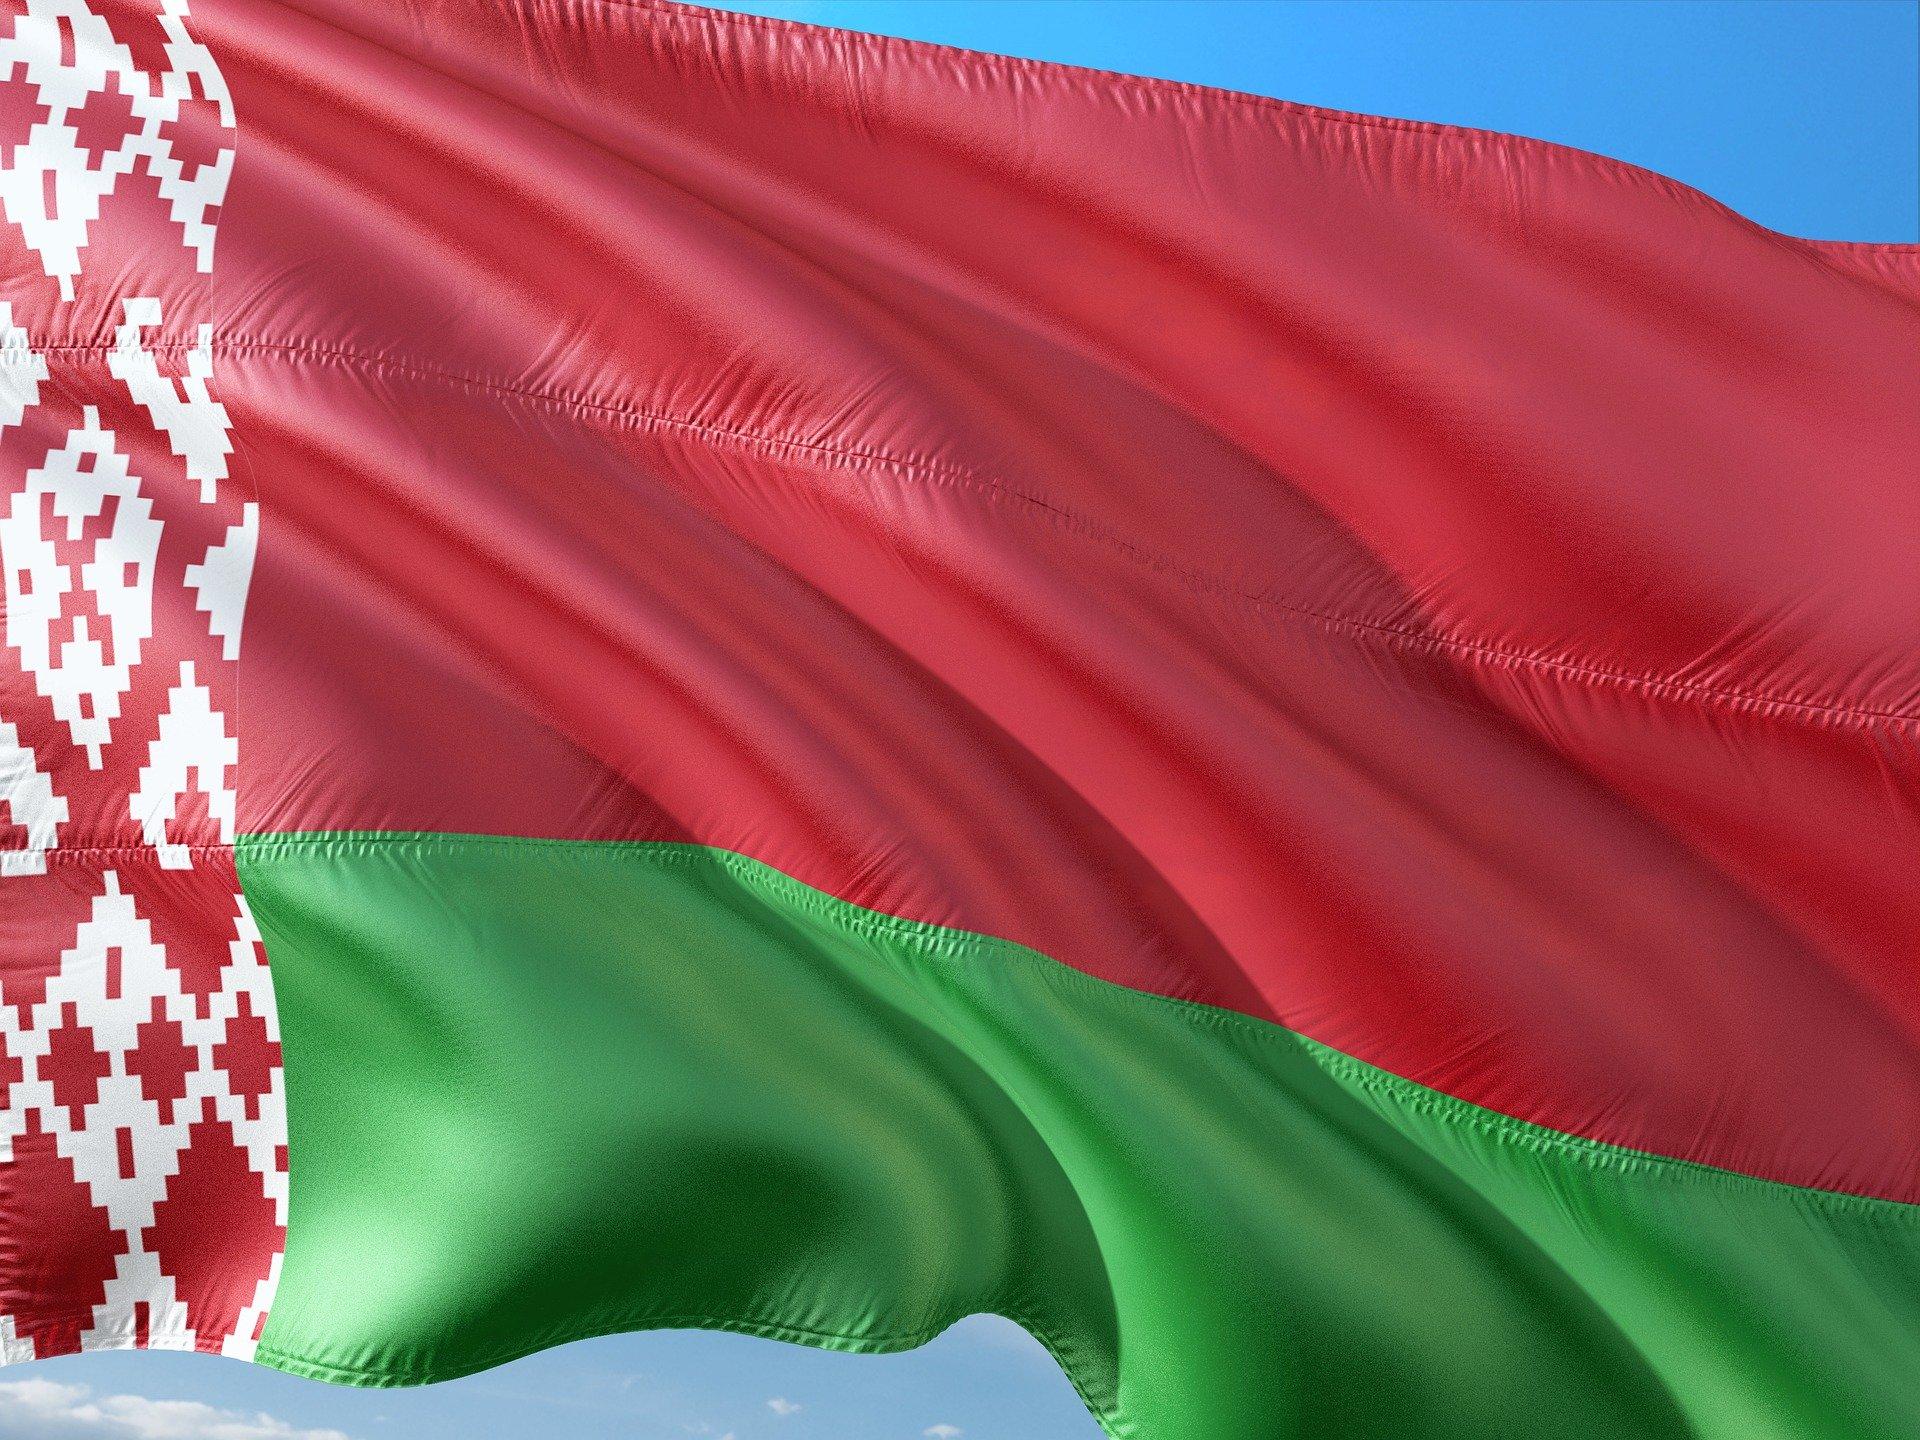 Україна та Білорусь домовились про поглиблення торговельно-економічного співпраці в агросекторі